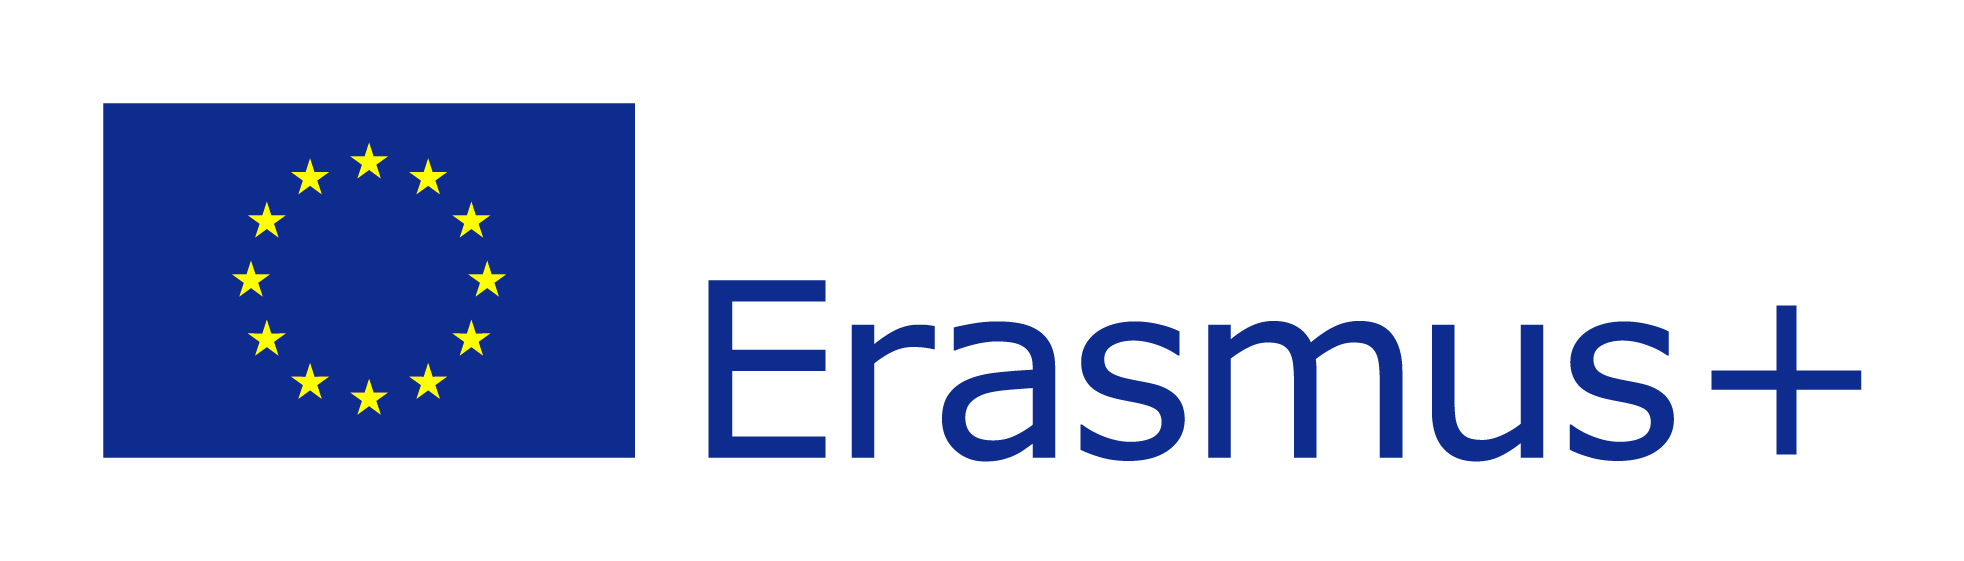 Erasmus+, Zaproszenie do współpracy